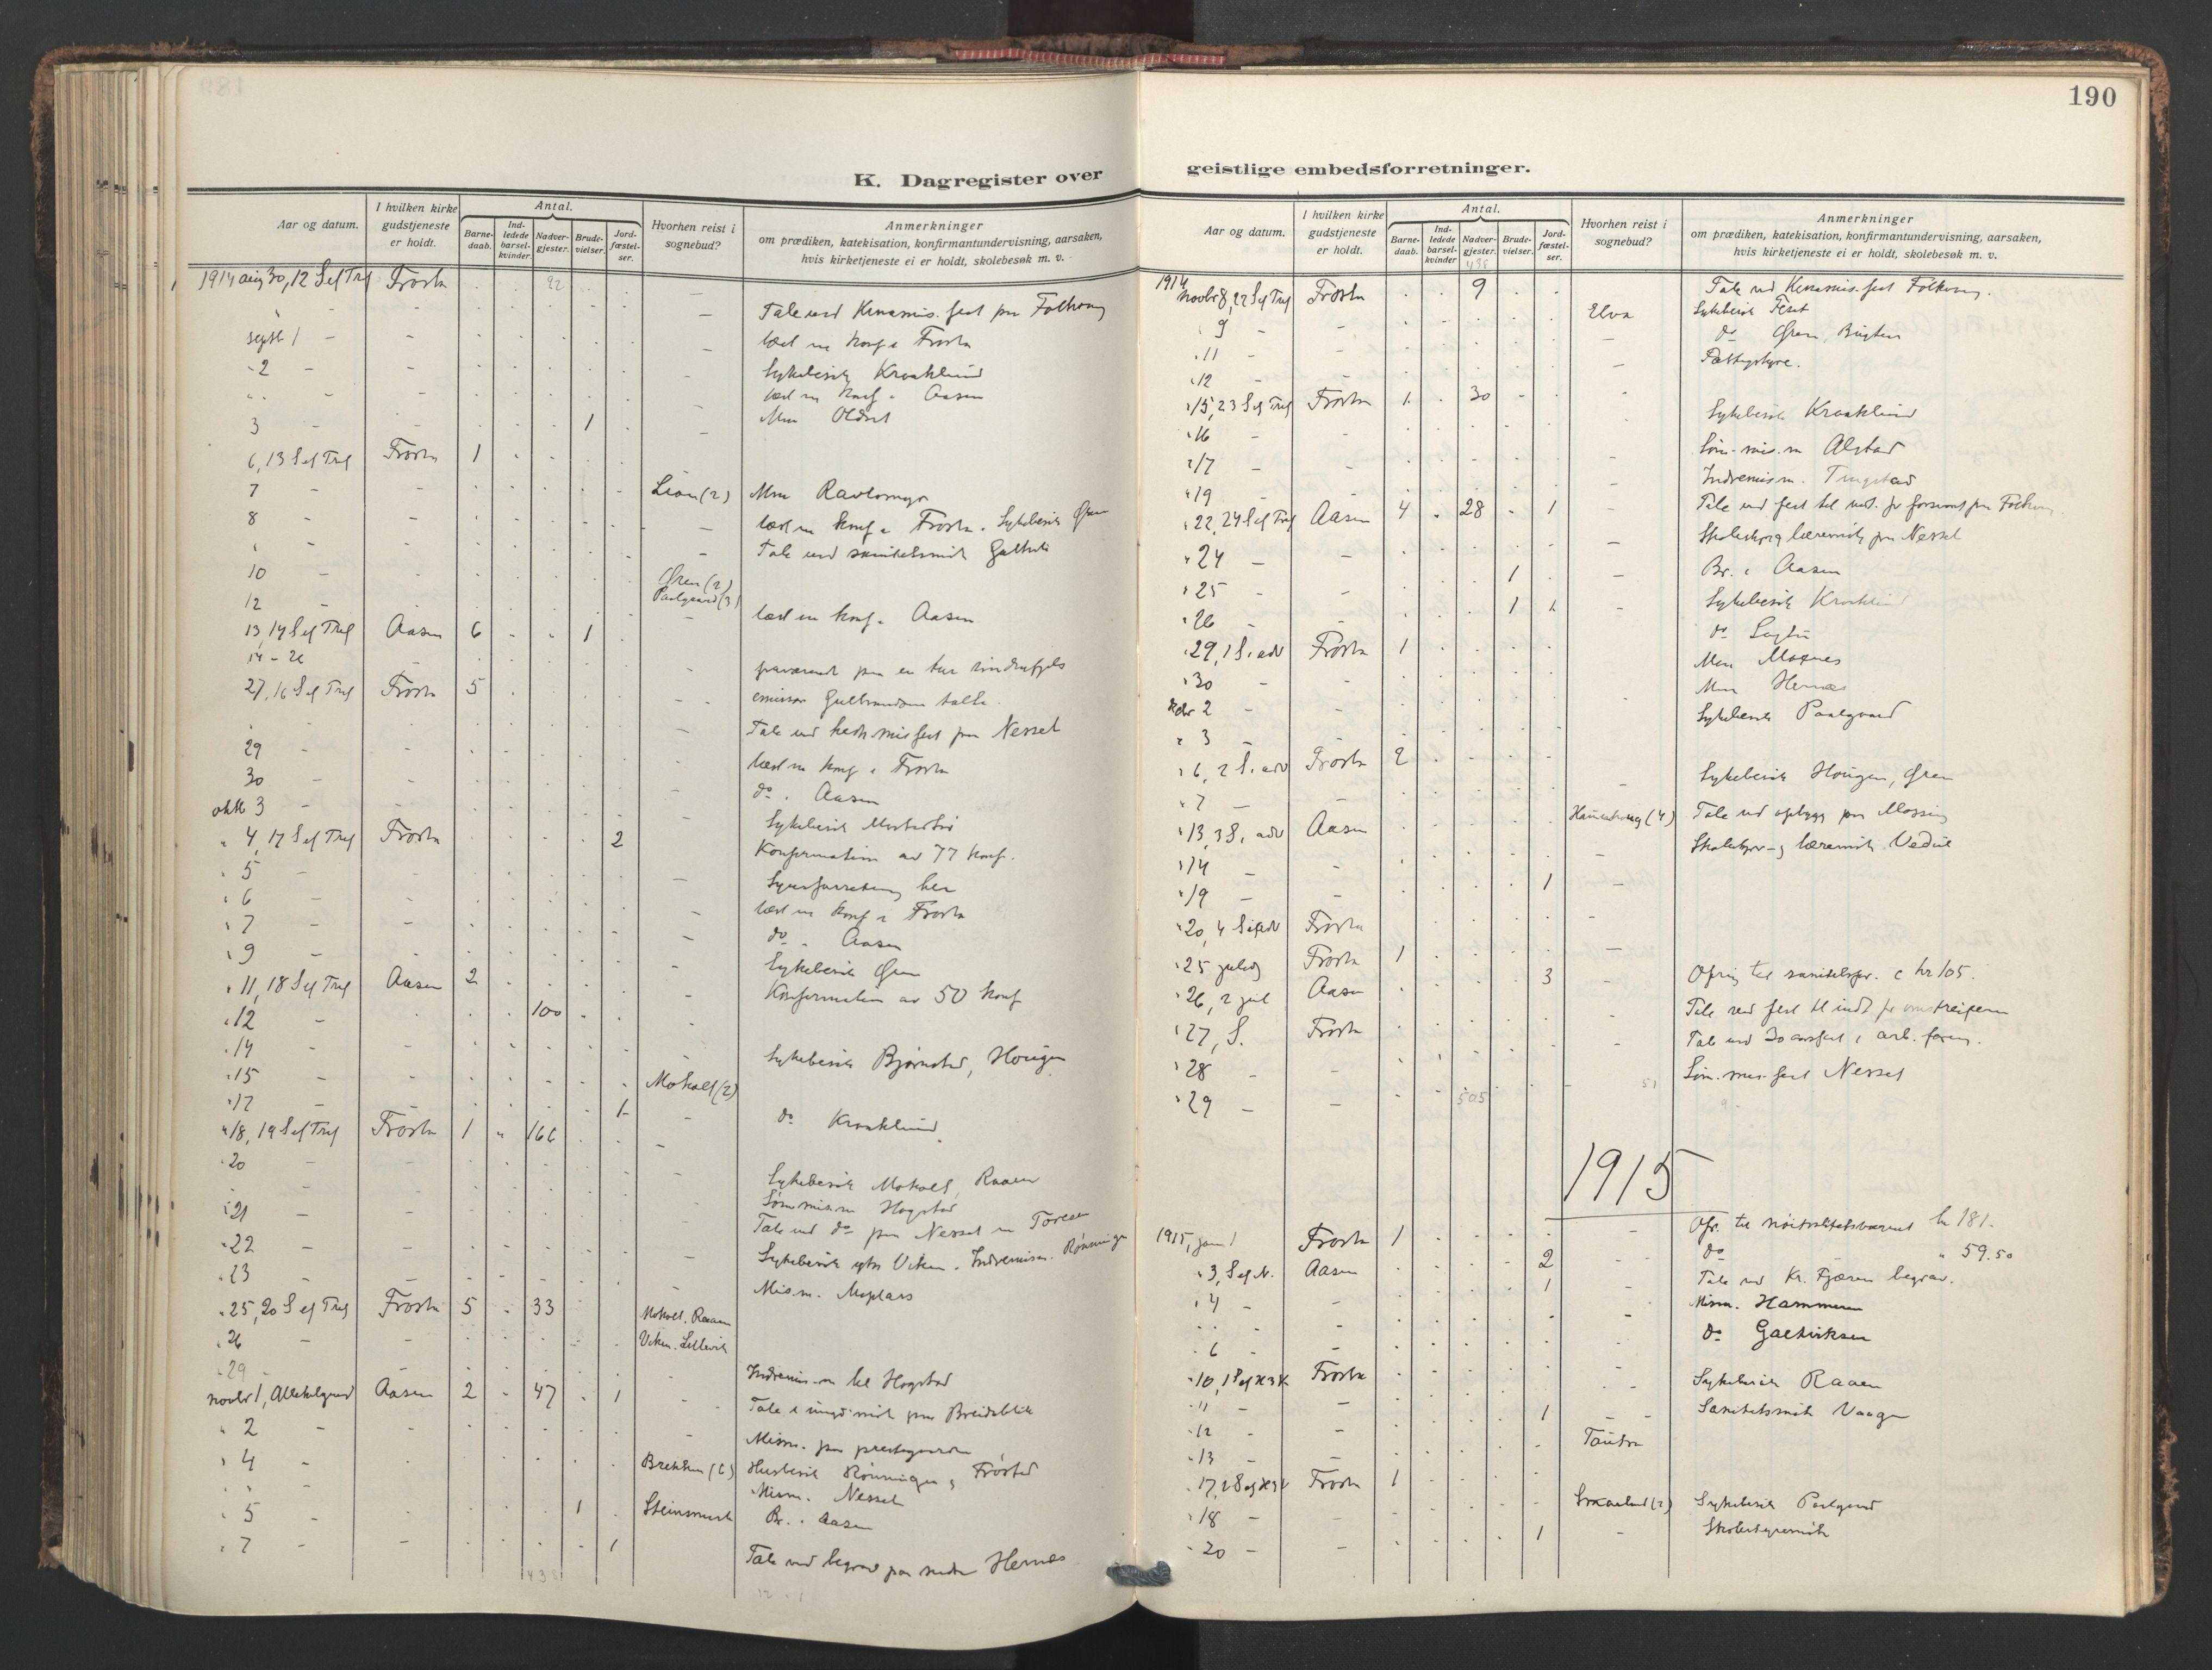 SAT, Ministerialprotokoller, klokkerbøker og fødselsregistre - Nord-Trøndelag, 713/L0123: Ministerialbok nr. 713A12, 1911-1925, s. 190